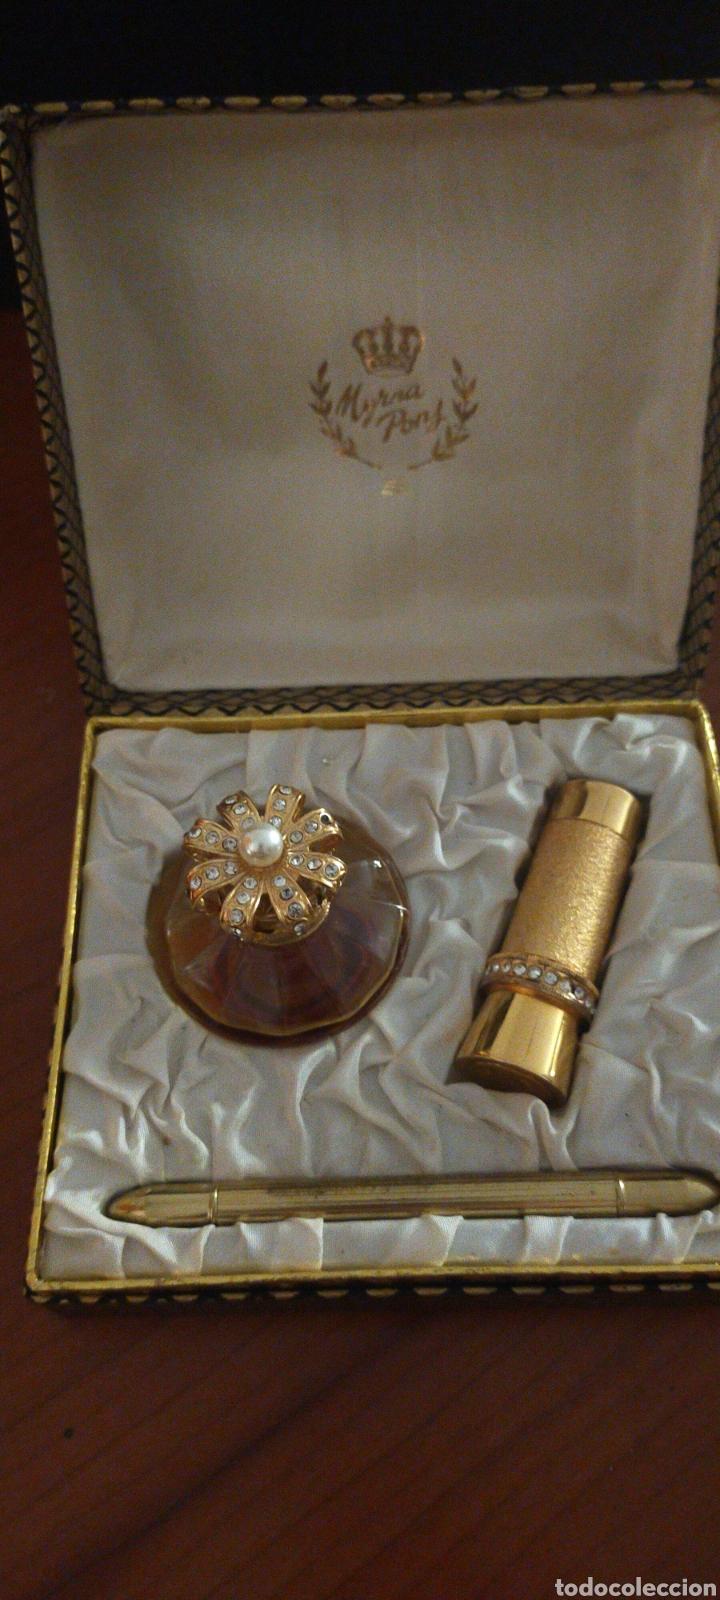 Miniaturas de perfumes antiguos: MYRNA PONS ESTUCHE PERFUME(HUELE DE MARAVILLA) LÁPIZ OJOS Y GUARDA PINTALABIOS - Foto 2 - 288327398